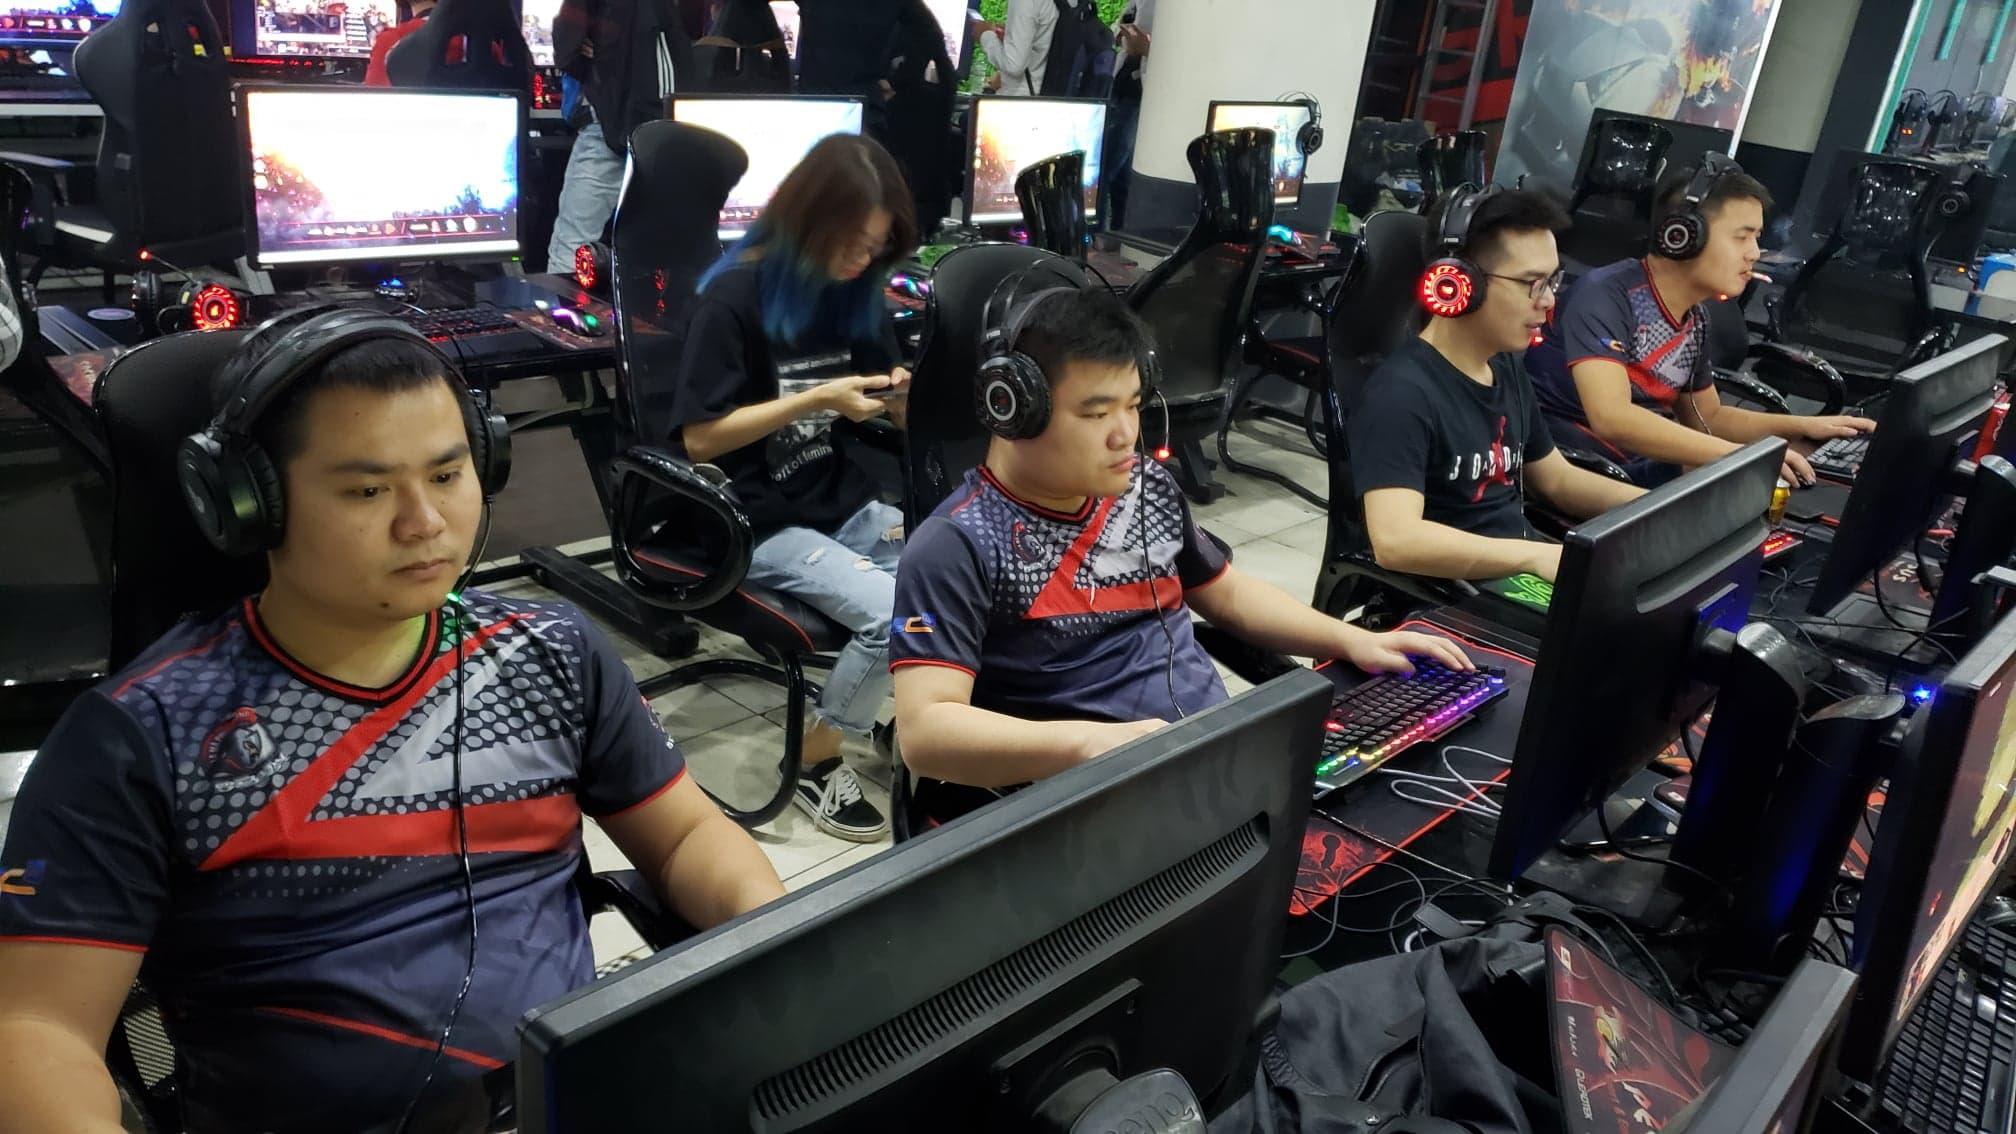 La Mã Phục Hưng với sự quyết tâm tại giải đấu AoE Việt Nam Open 2019